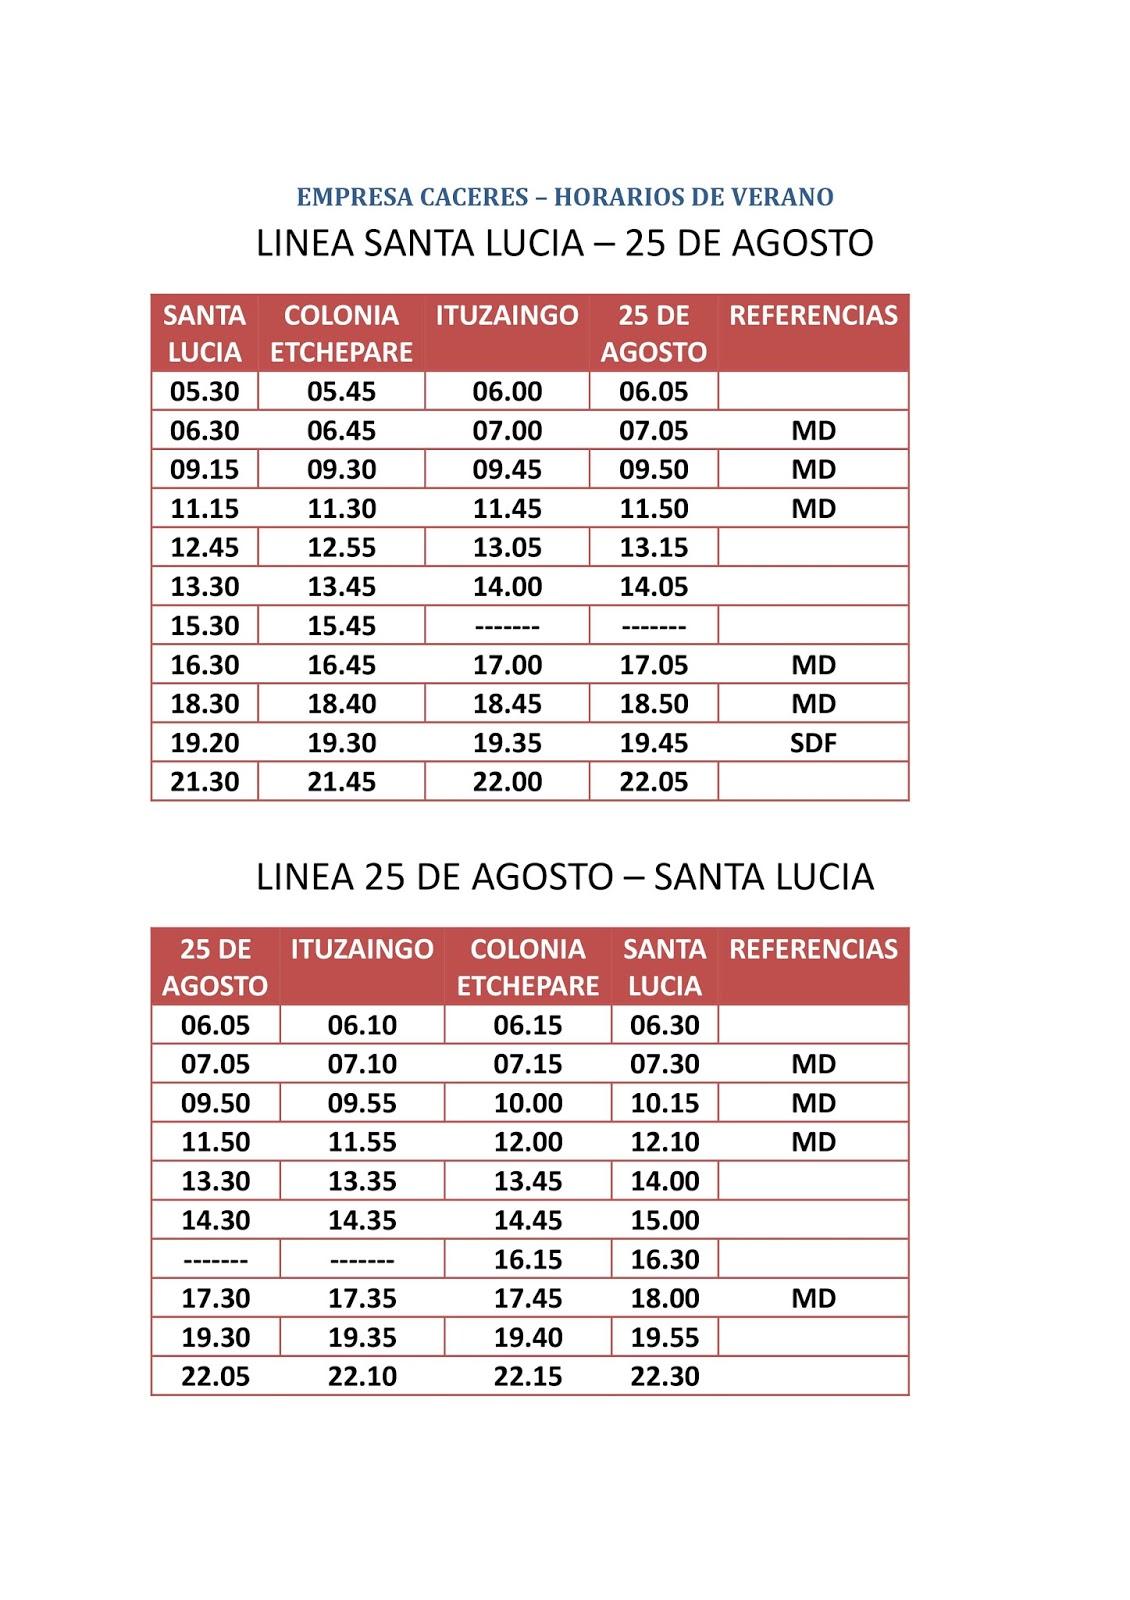 Horarios del transporte metropolitano horarios de verano for Horario oficina santa lucia